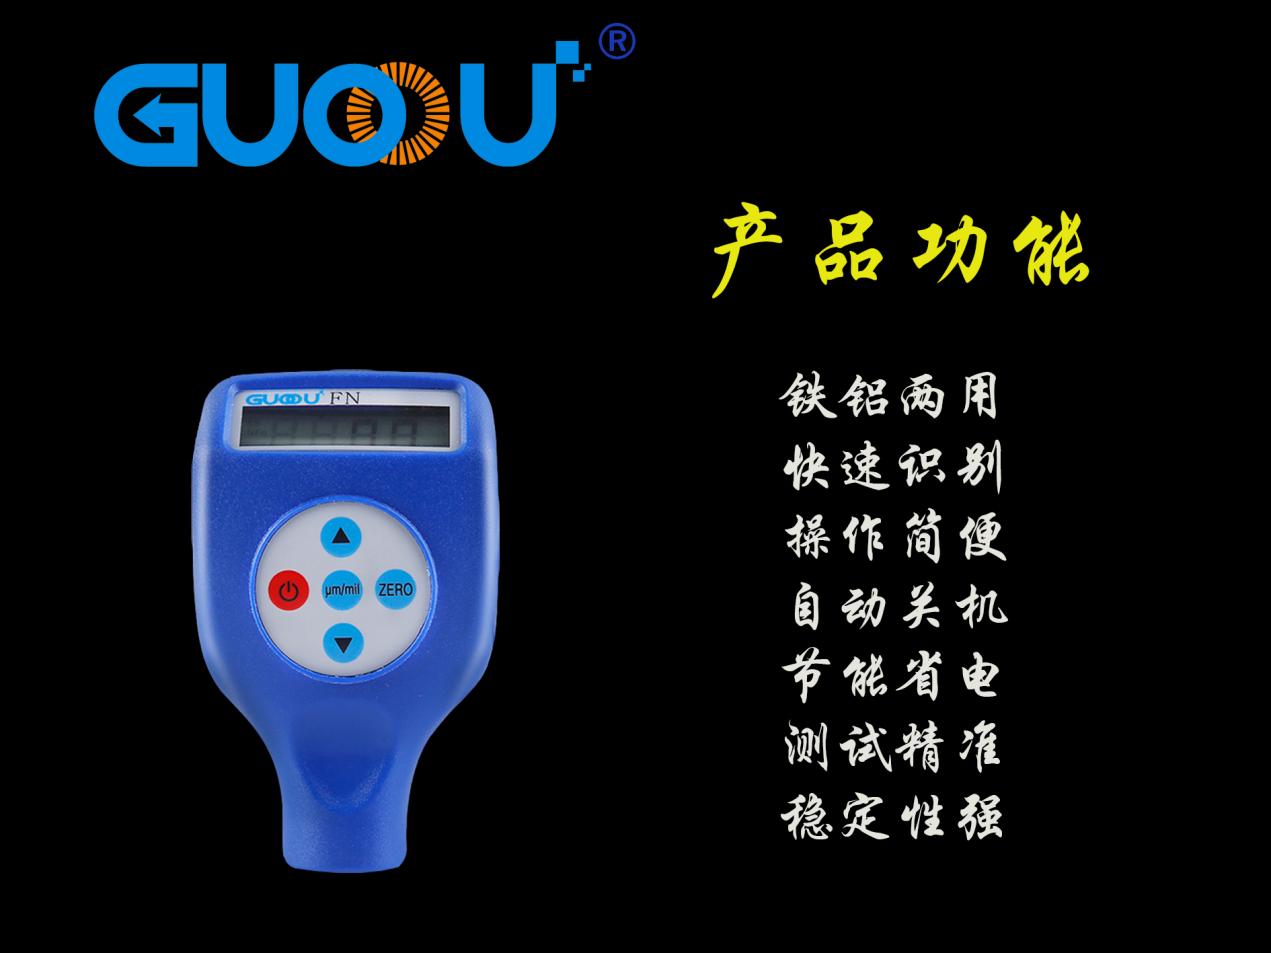 【测厚仪知识】基本型GTS8102涂层测厚仪的研发和功能